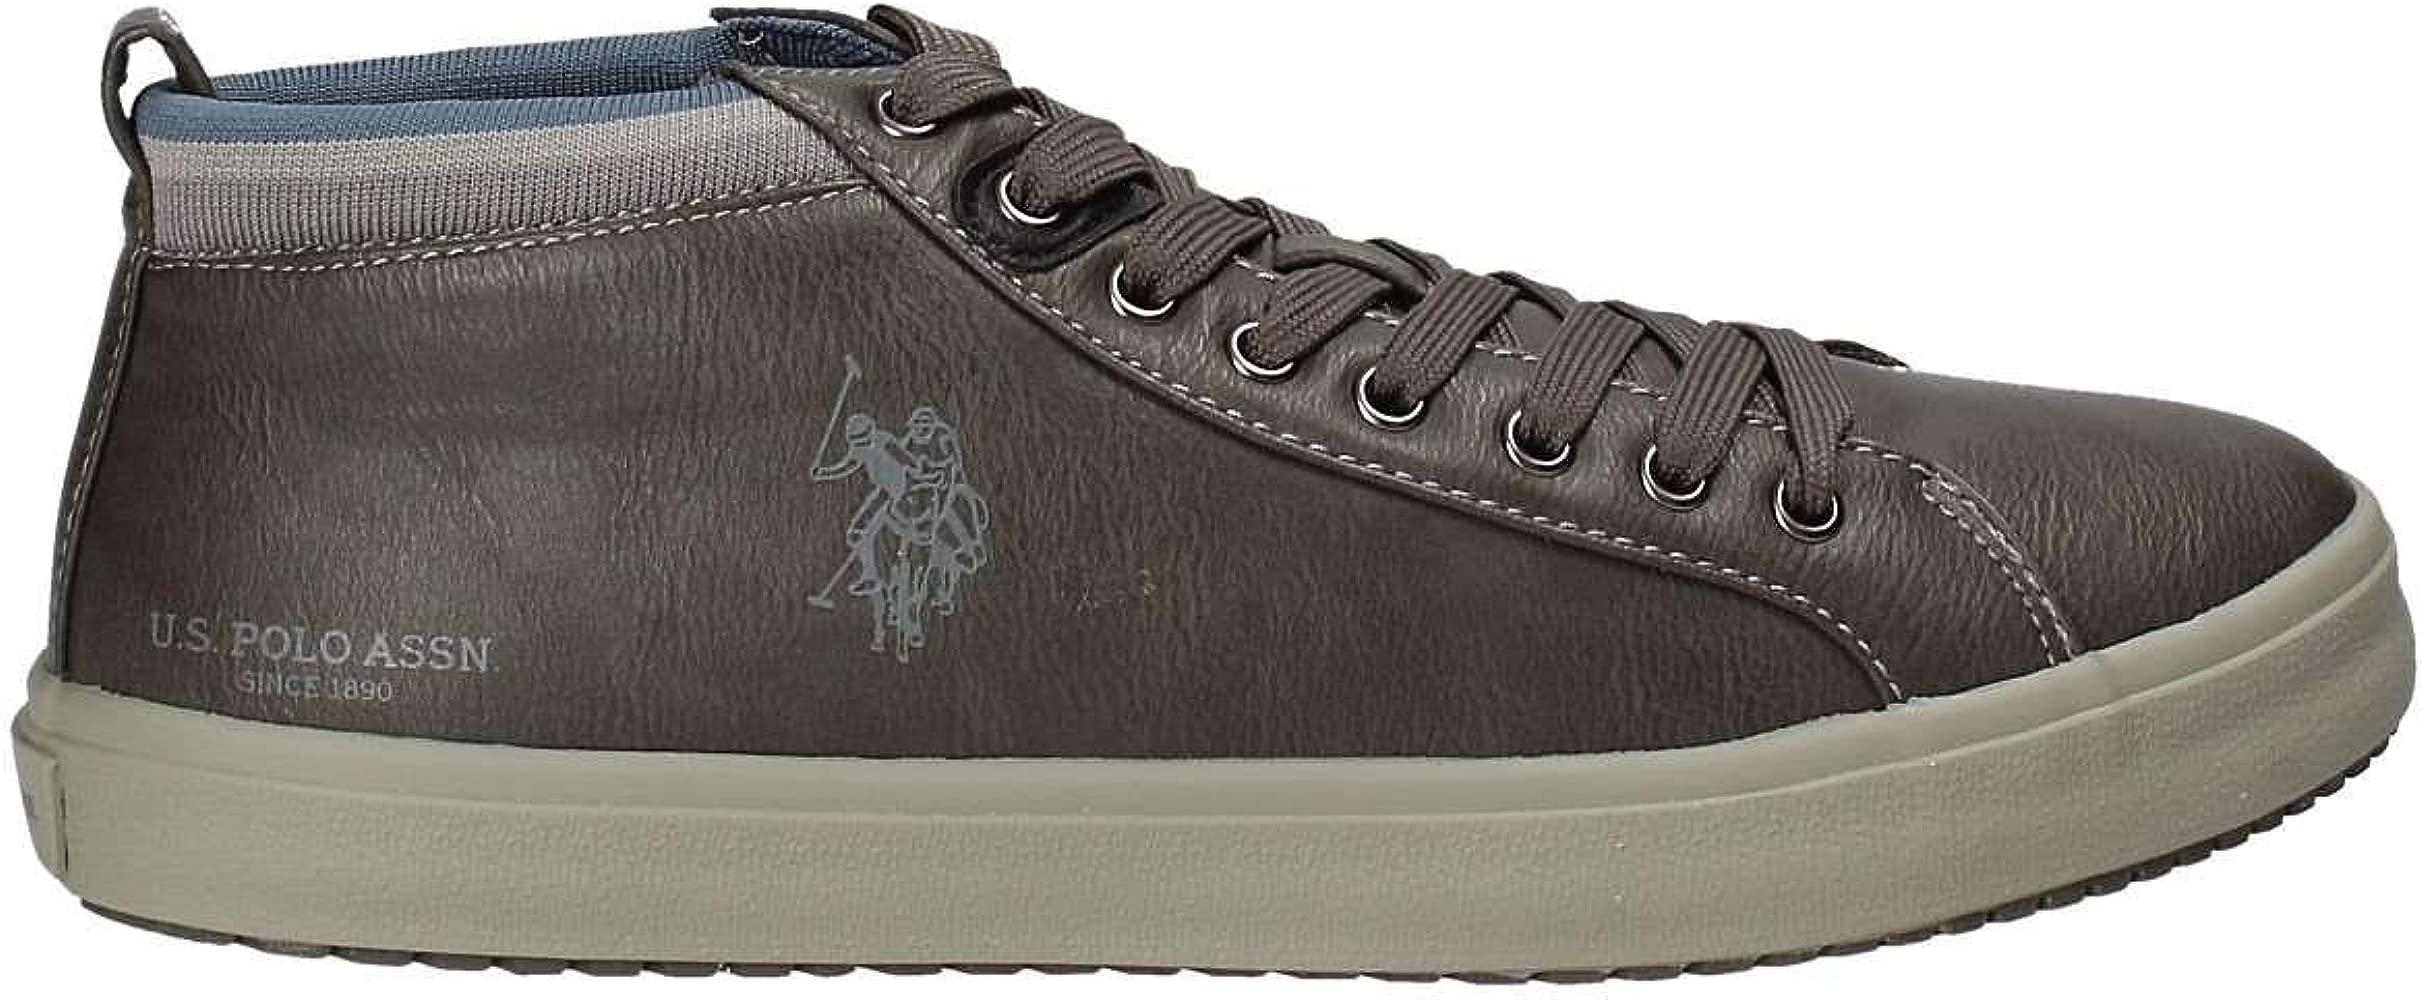 U.s. Polo assn. WOUCK7179W7/Y1 Zapatos Hombre Gris 41: Amazon.es ...